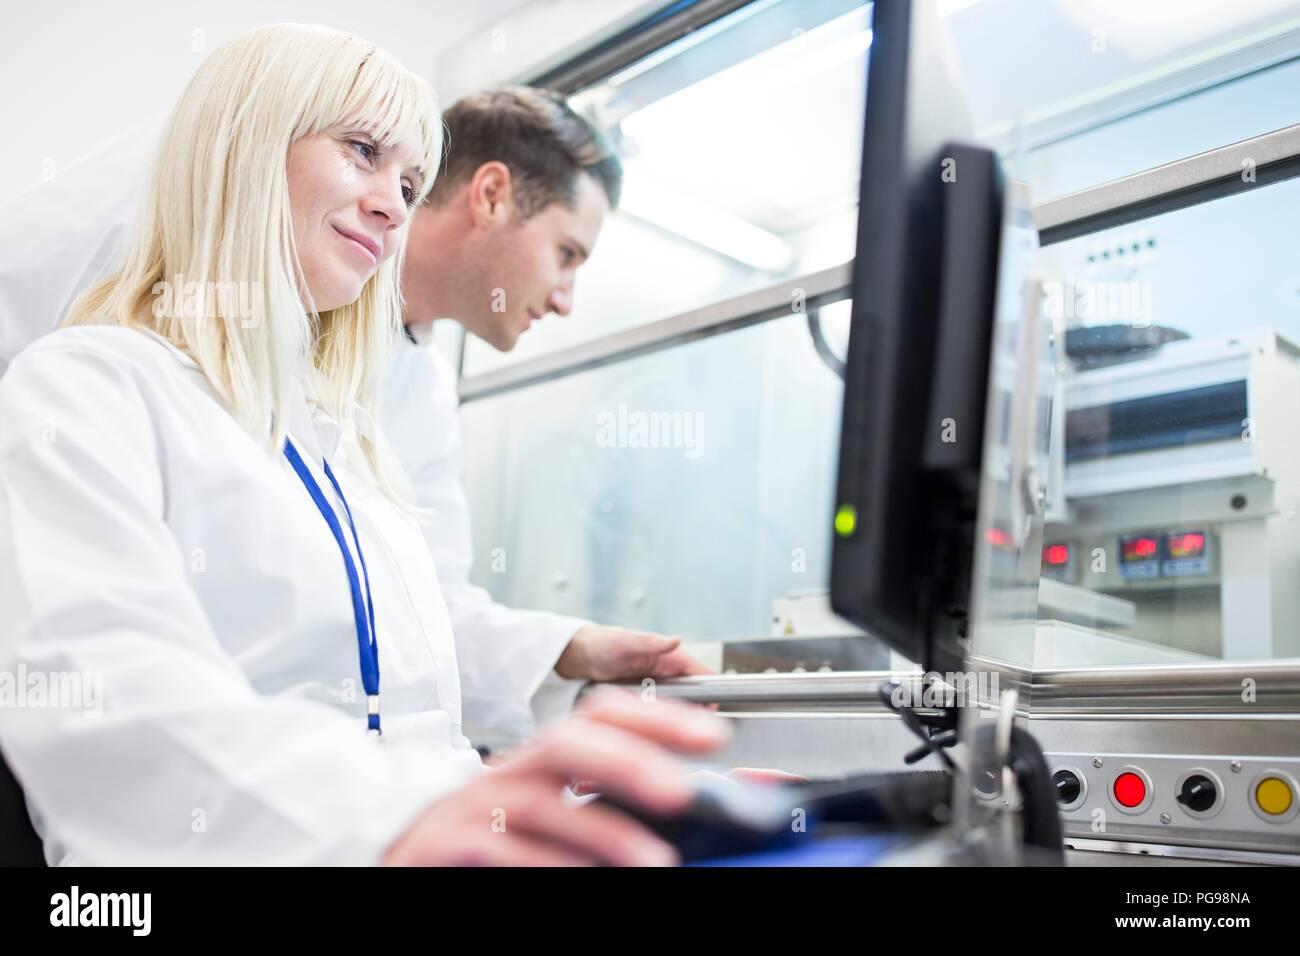 Gli scienziati utilizzano un 3D stampante biologica. La macchina può utilizzare una gamma di biomateriale per la stampa di tessuto-strutture simili. Immagini Stock